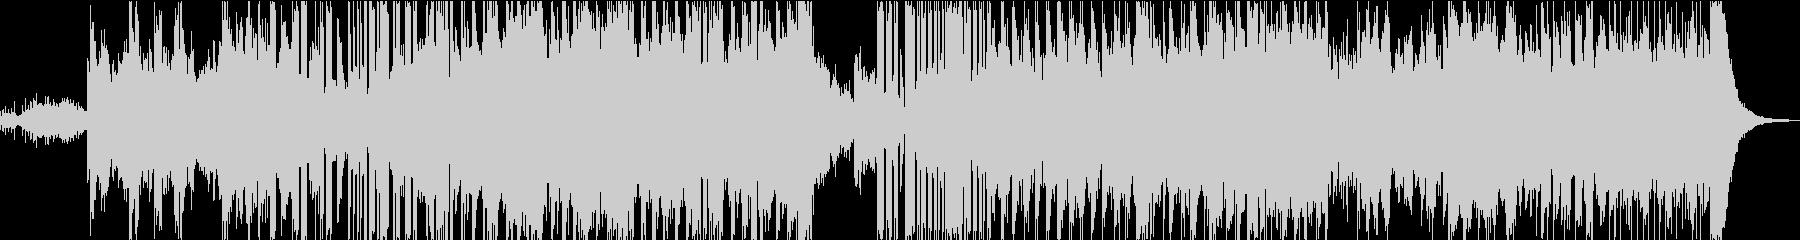 重低音響くかっこいいDubstepの未再生の波形